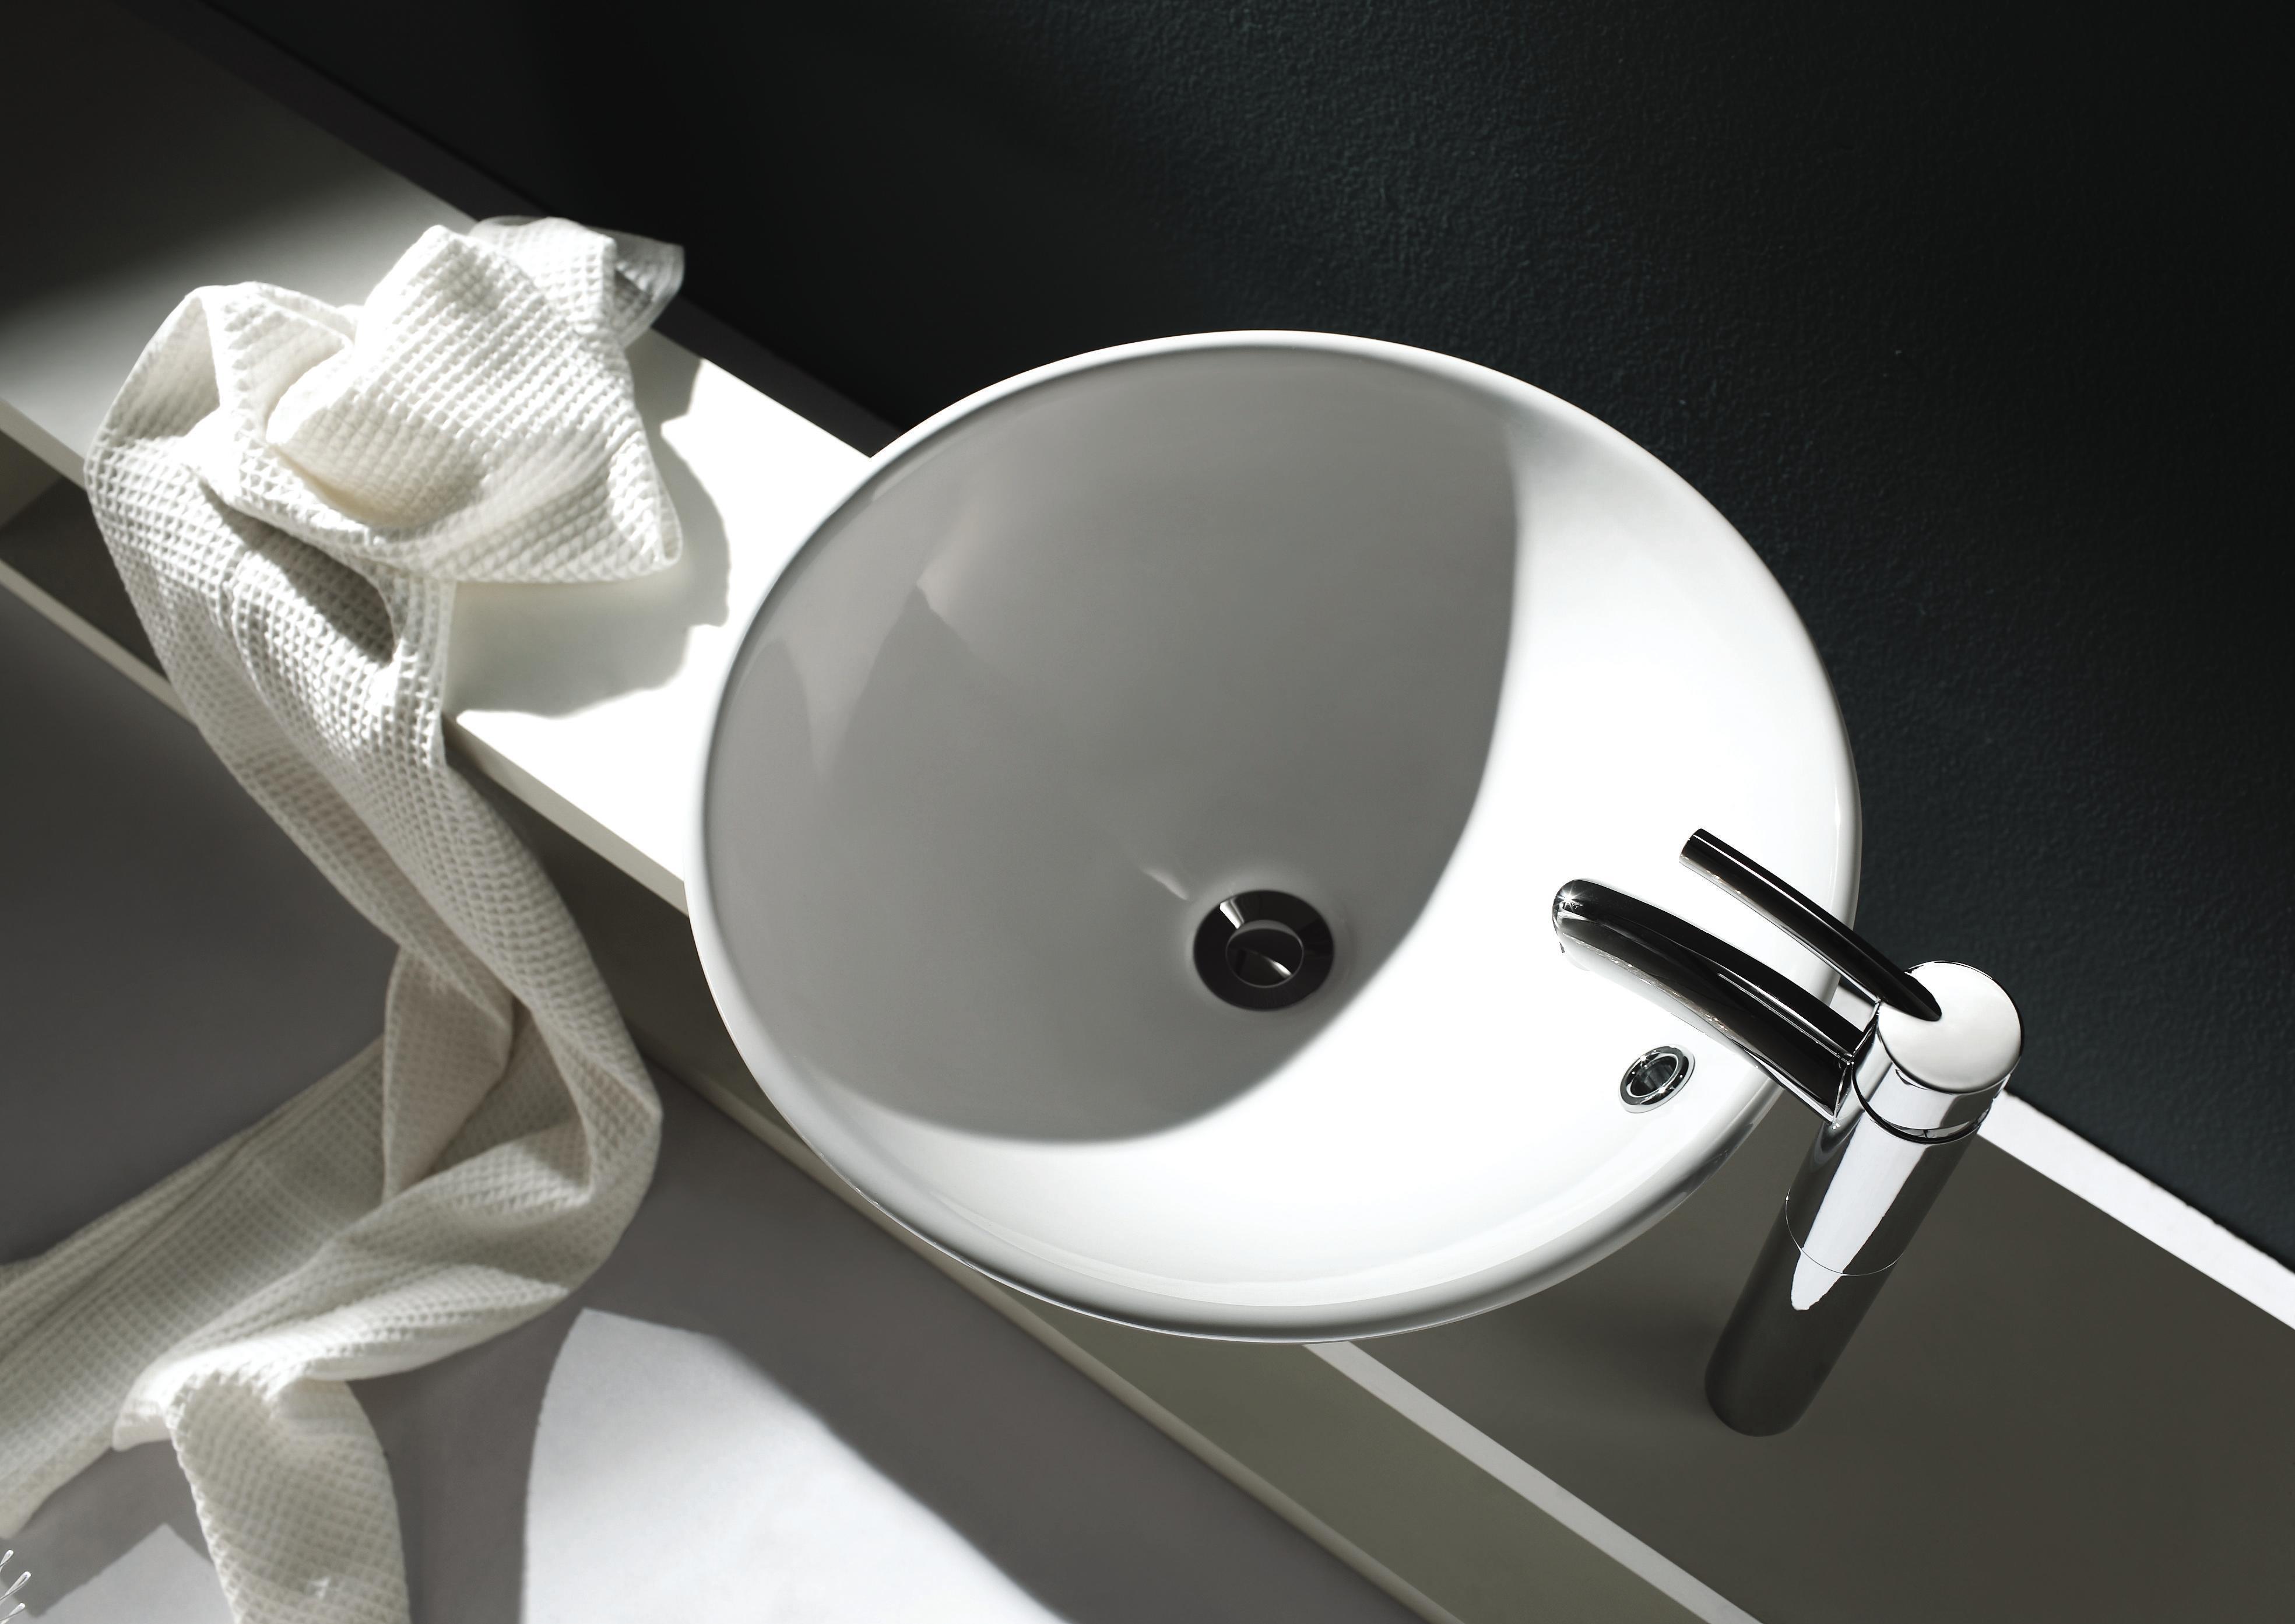 APEX Kitchen Cabinet and Granite Countertop image 13